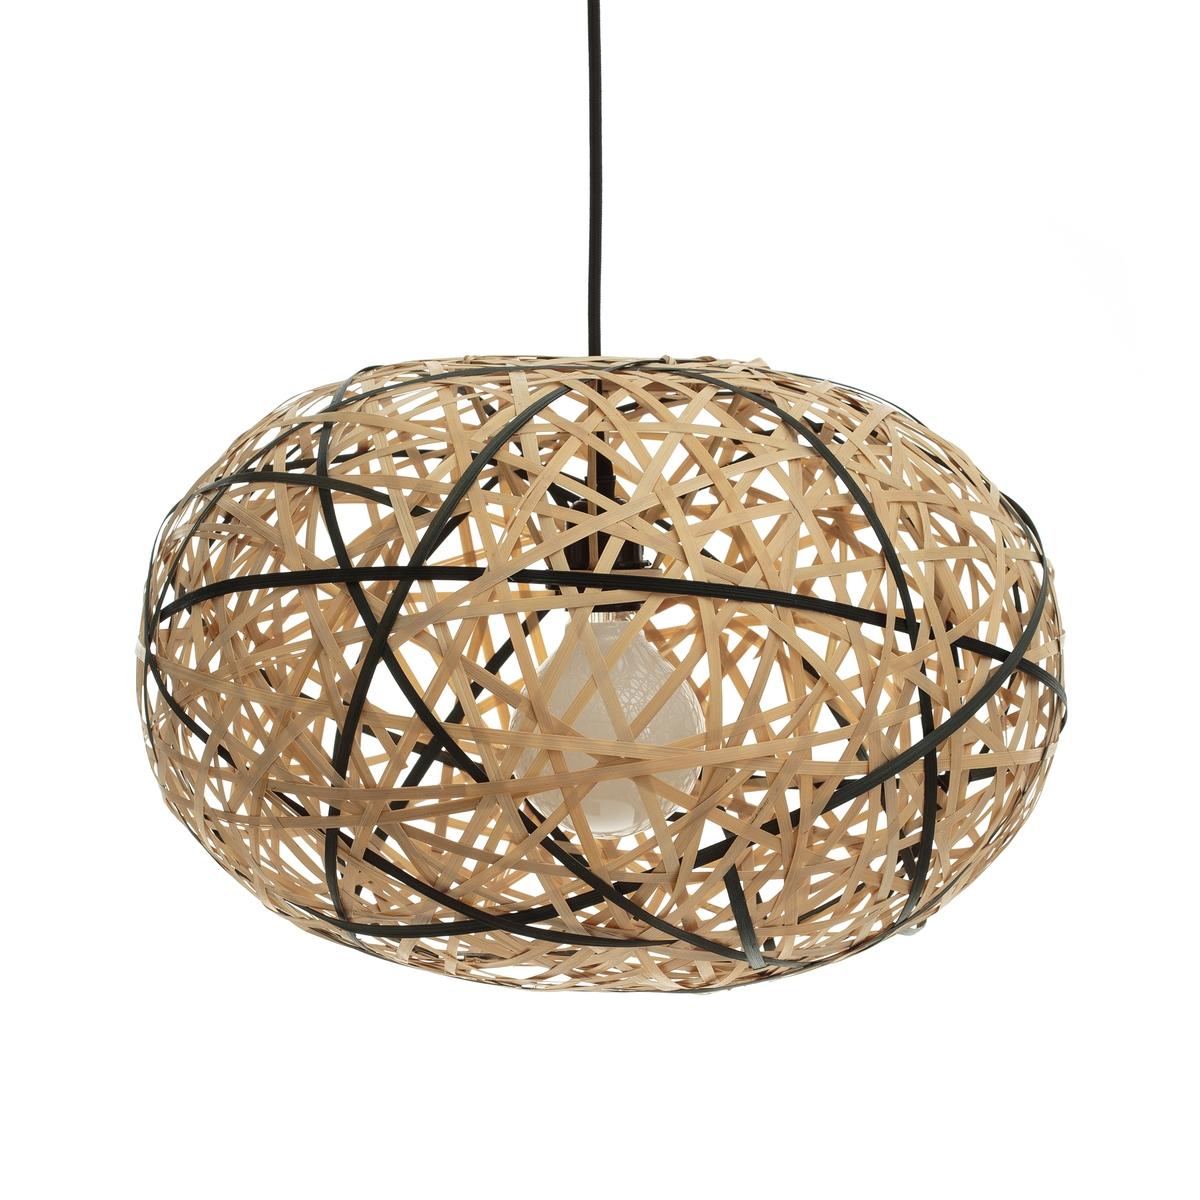 Светильник из бамбука натурального/черного цветов, ?45 см FaciendeСветильник Faciende. Выполненный из плетеных бамбуковых лиан, светильник создает красивый визуальный эффект сверху и снизу. Для патрона E27. Электрическая система продается на сайте. Размеры : ?45 x В.30 см.<br><br>Цвет: экрю/ черный